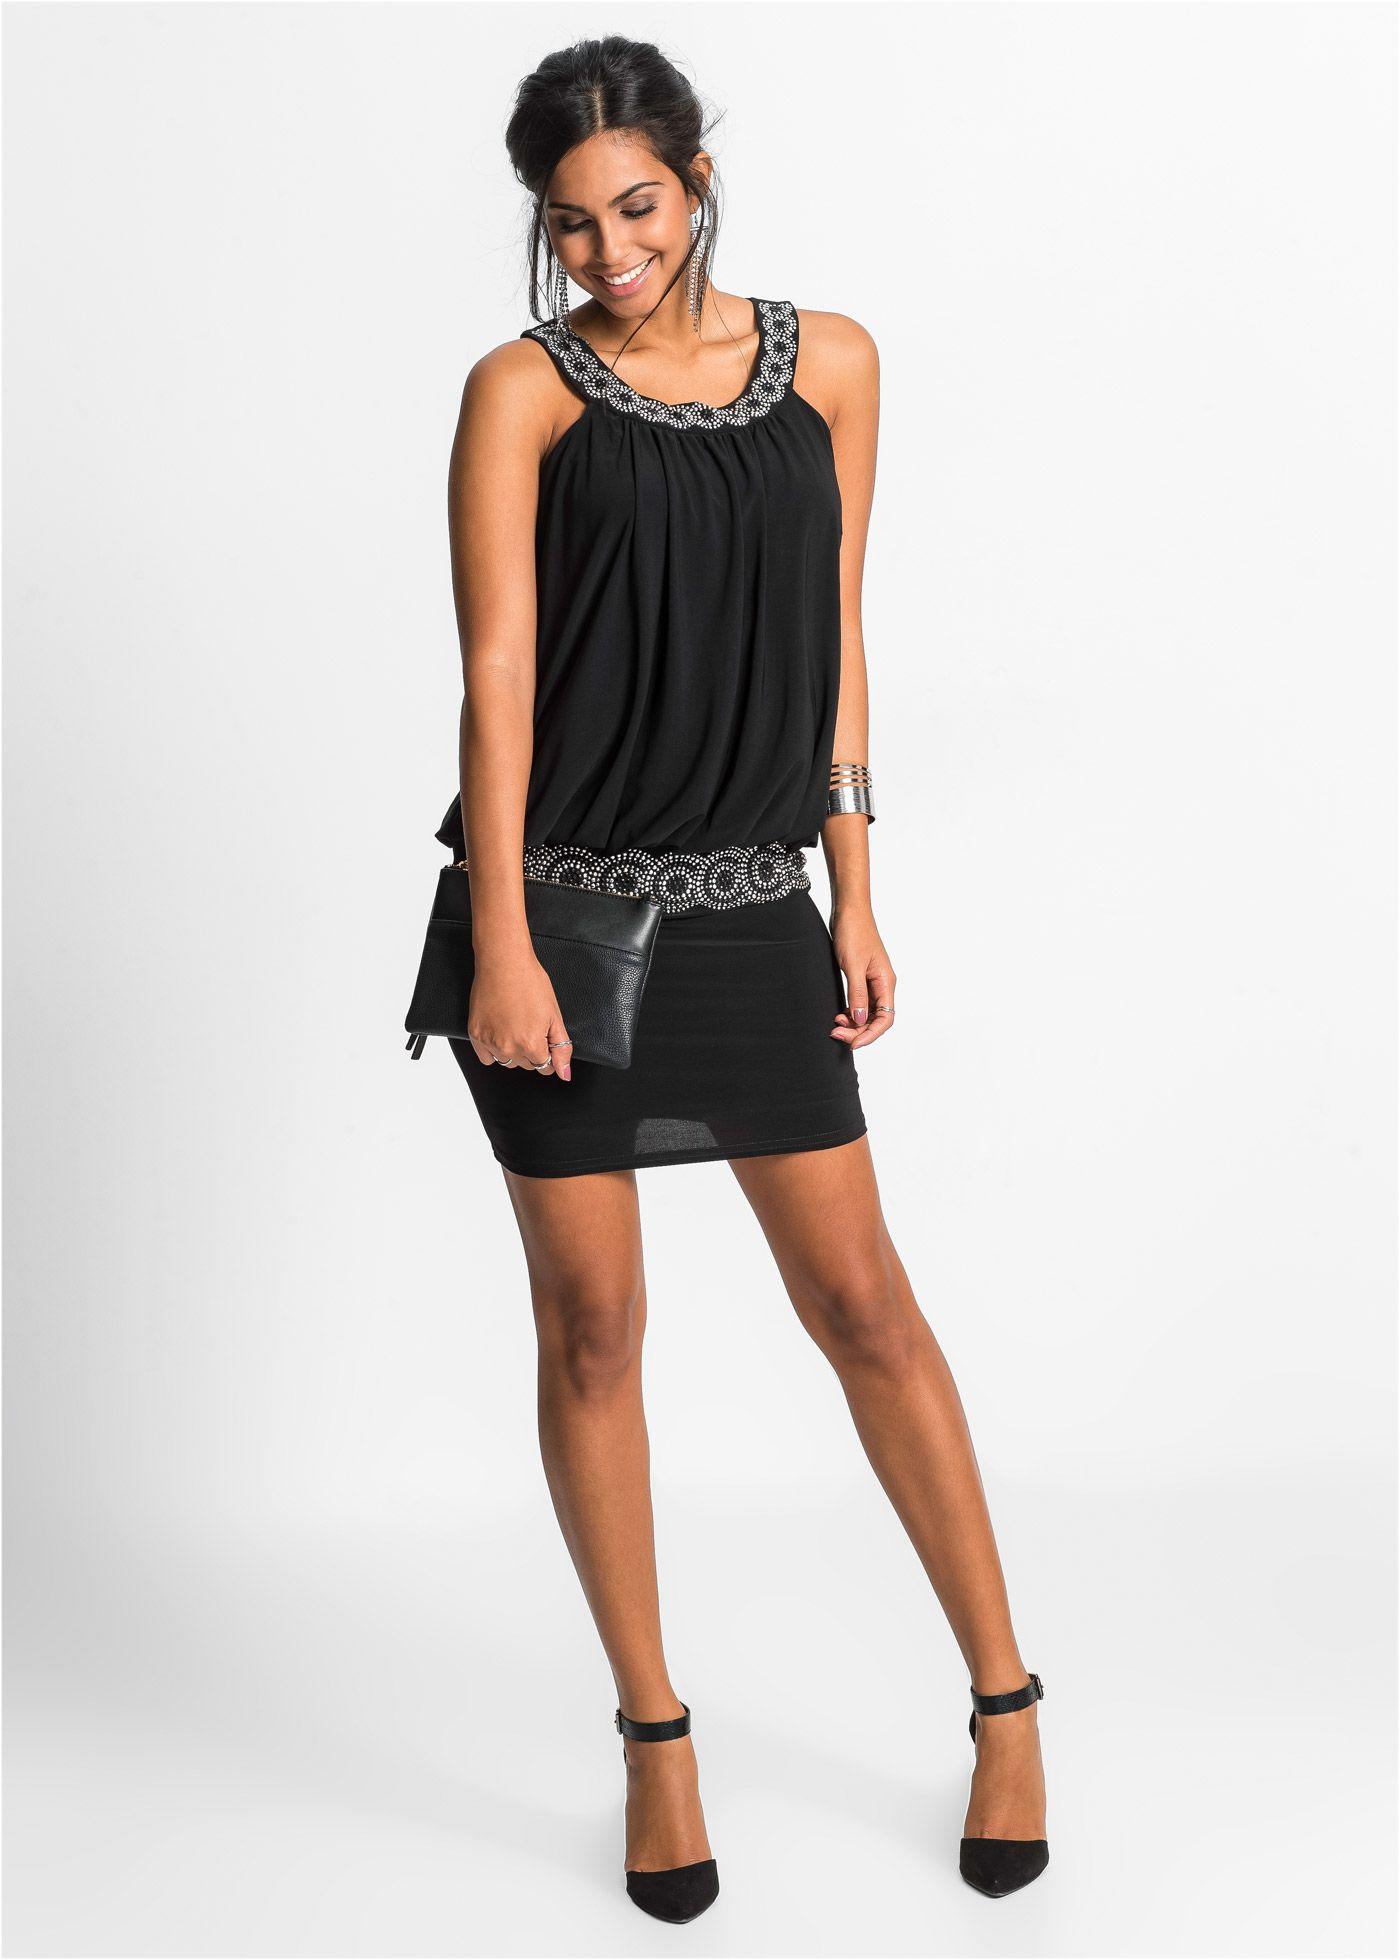 jetzt Kleid im Online Shop von bonprix schwarz Cocktail BODYFLIRT 8nPOk0w